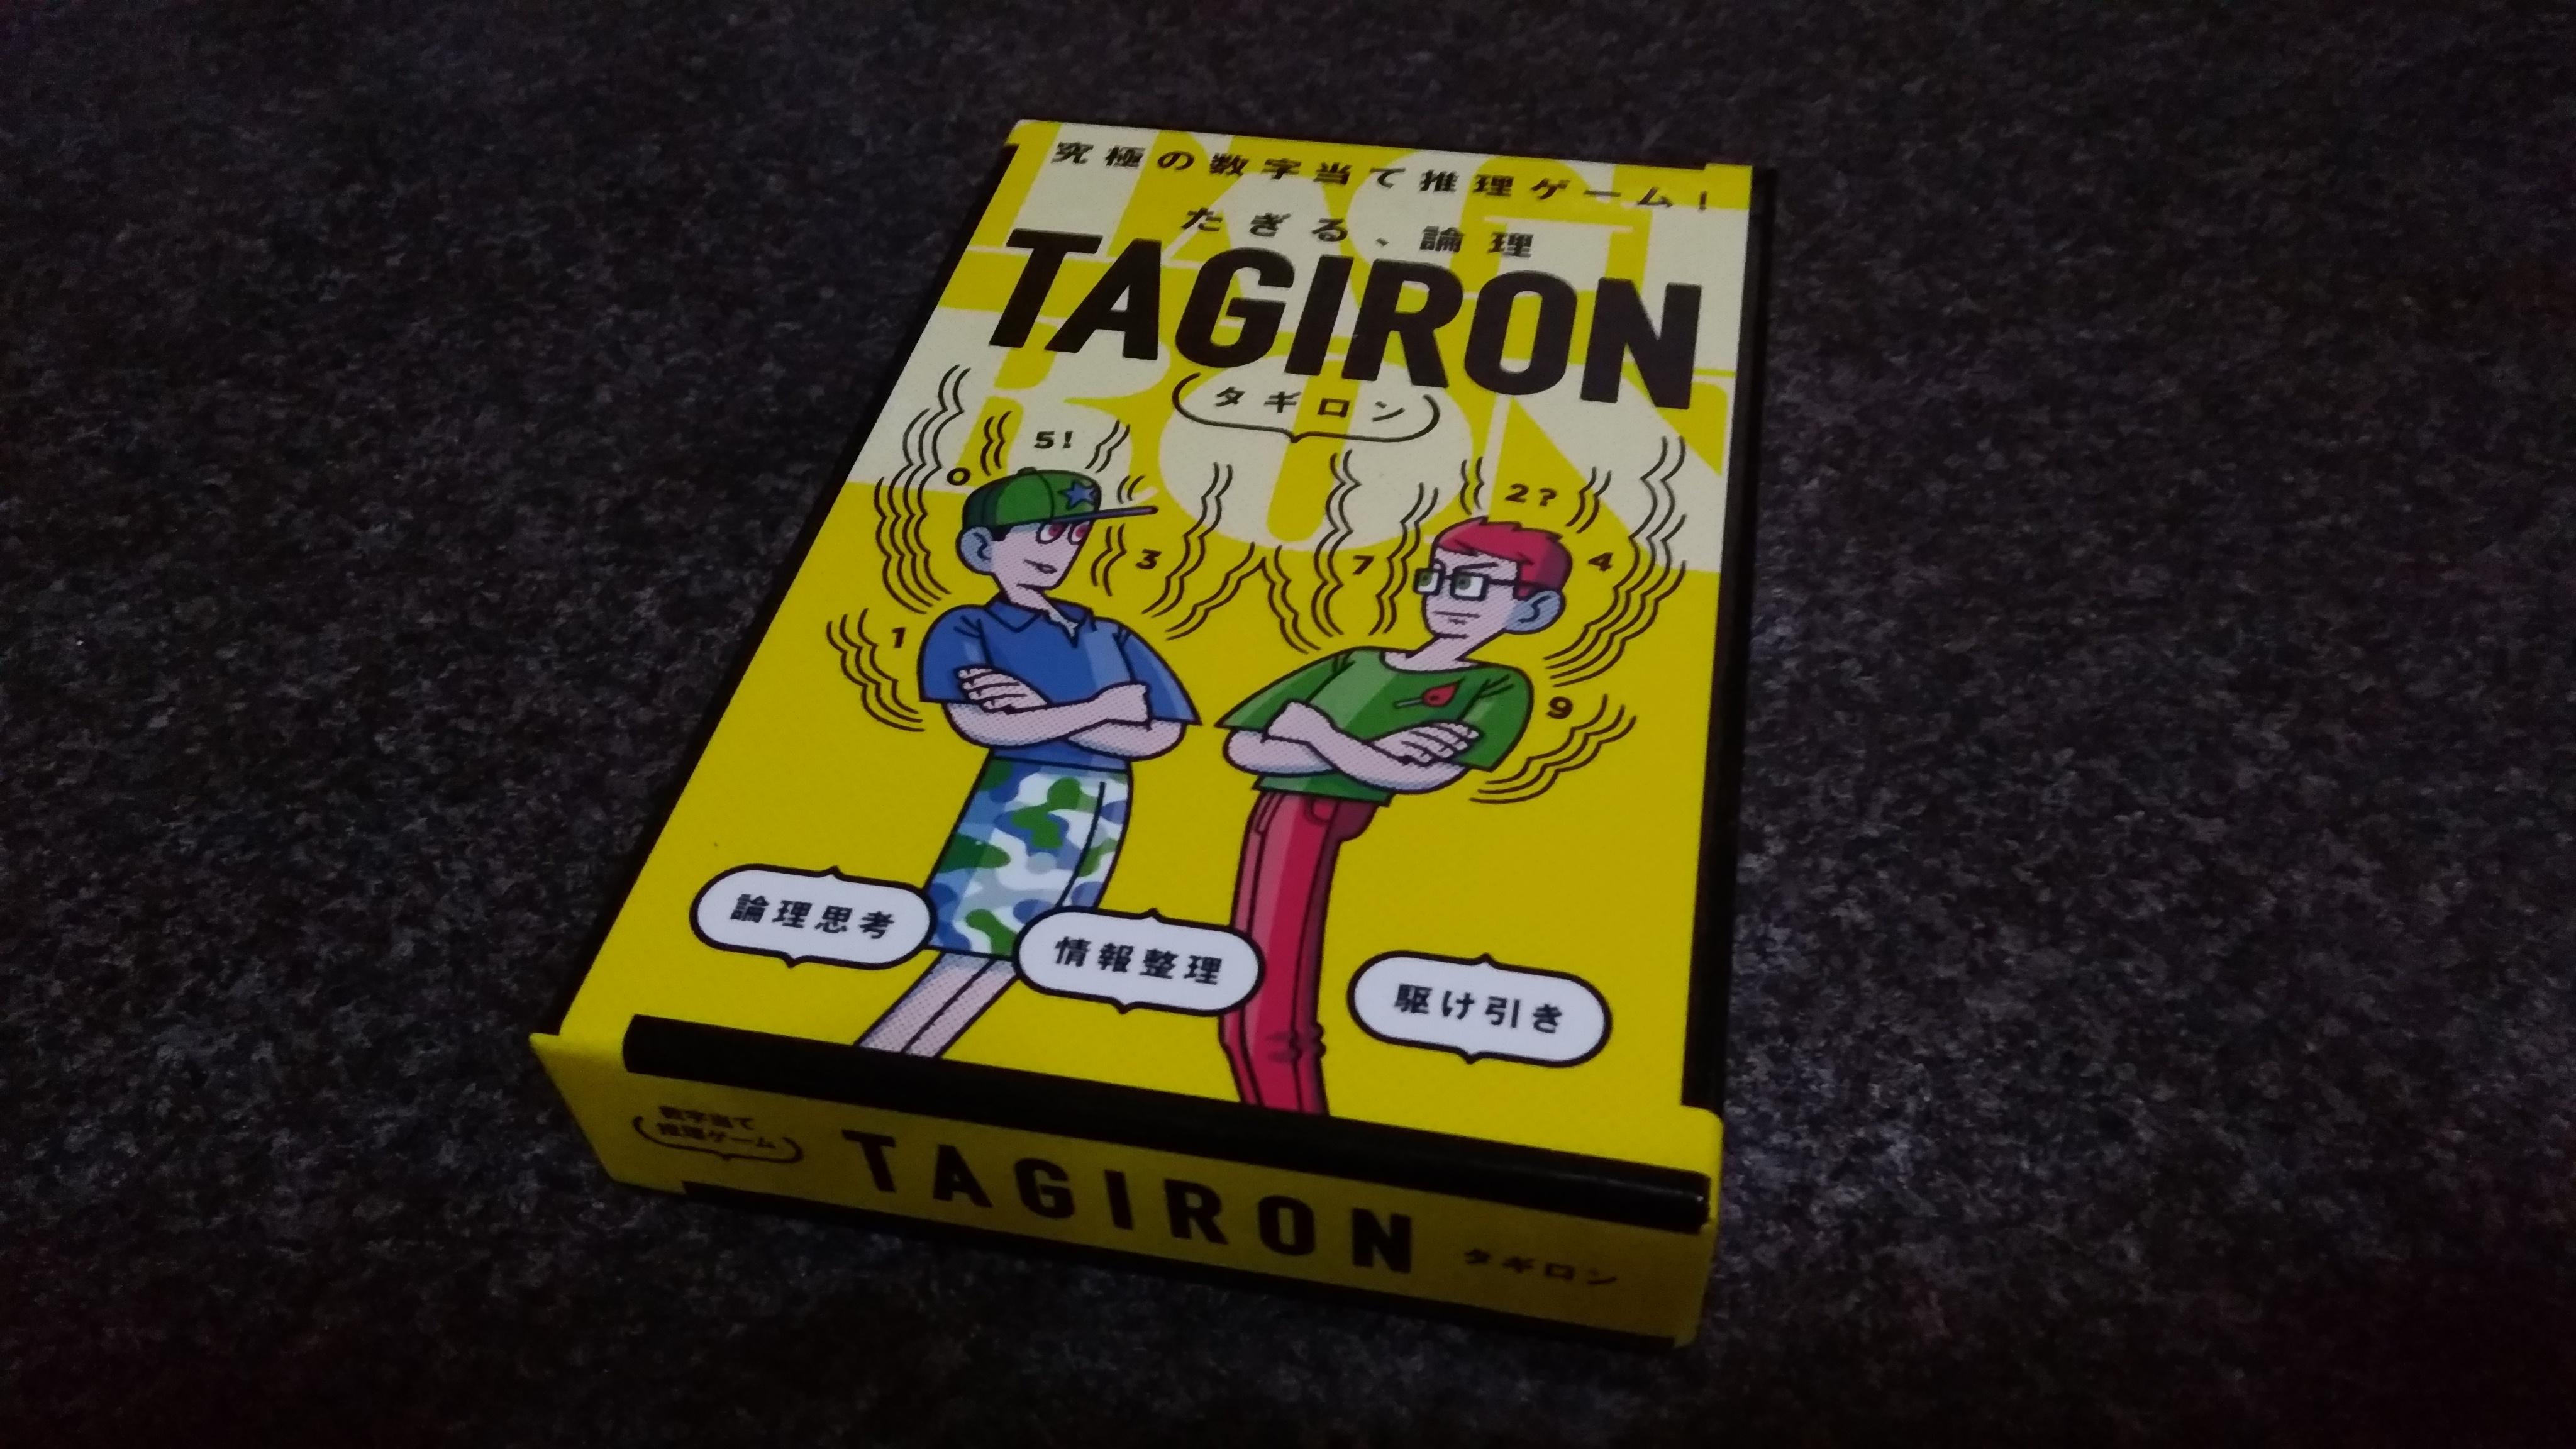 論理的思考が試される『TAGIRON』